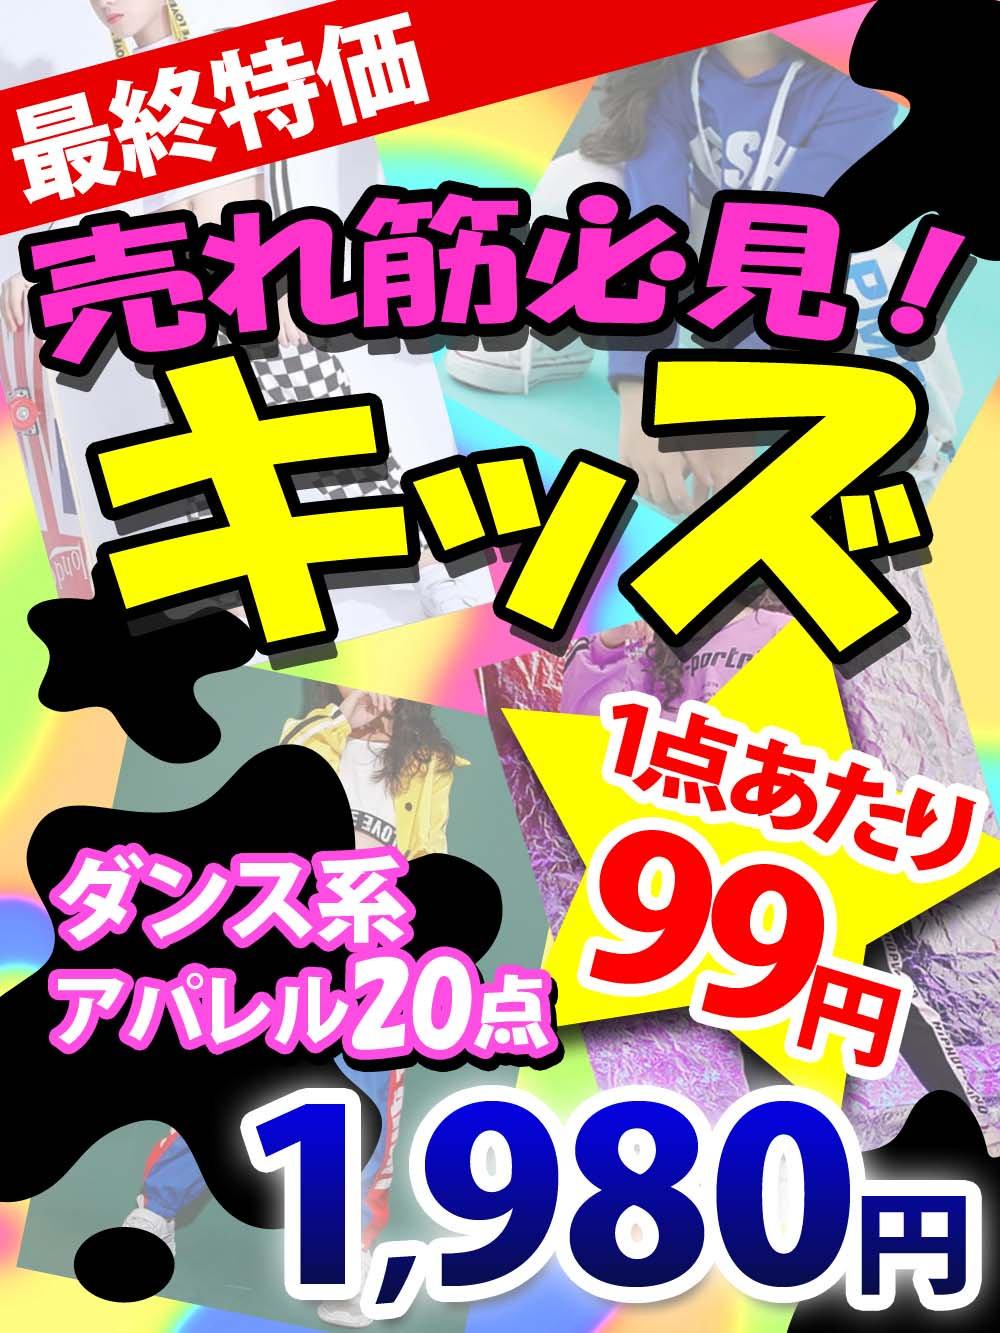 【最終特価!99円】キッズダンス系アパレルアラカルト【20点】@99